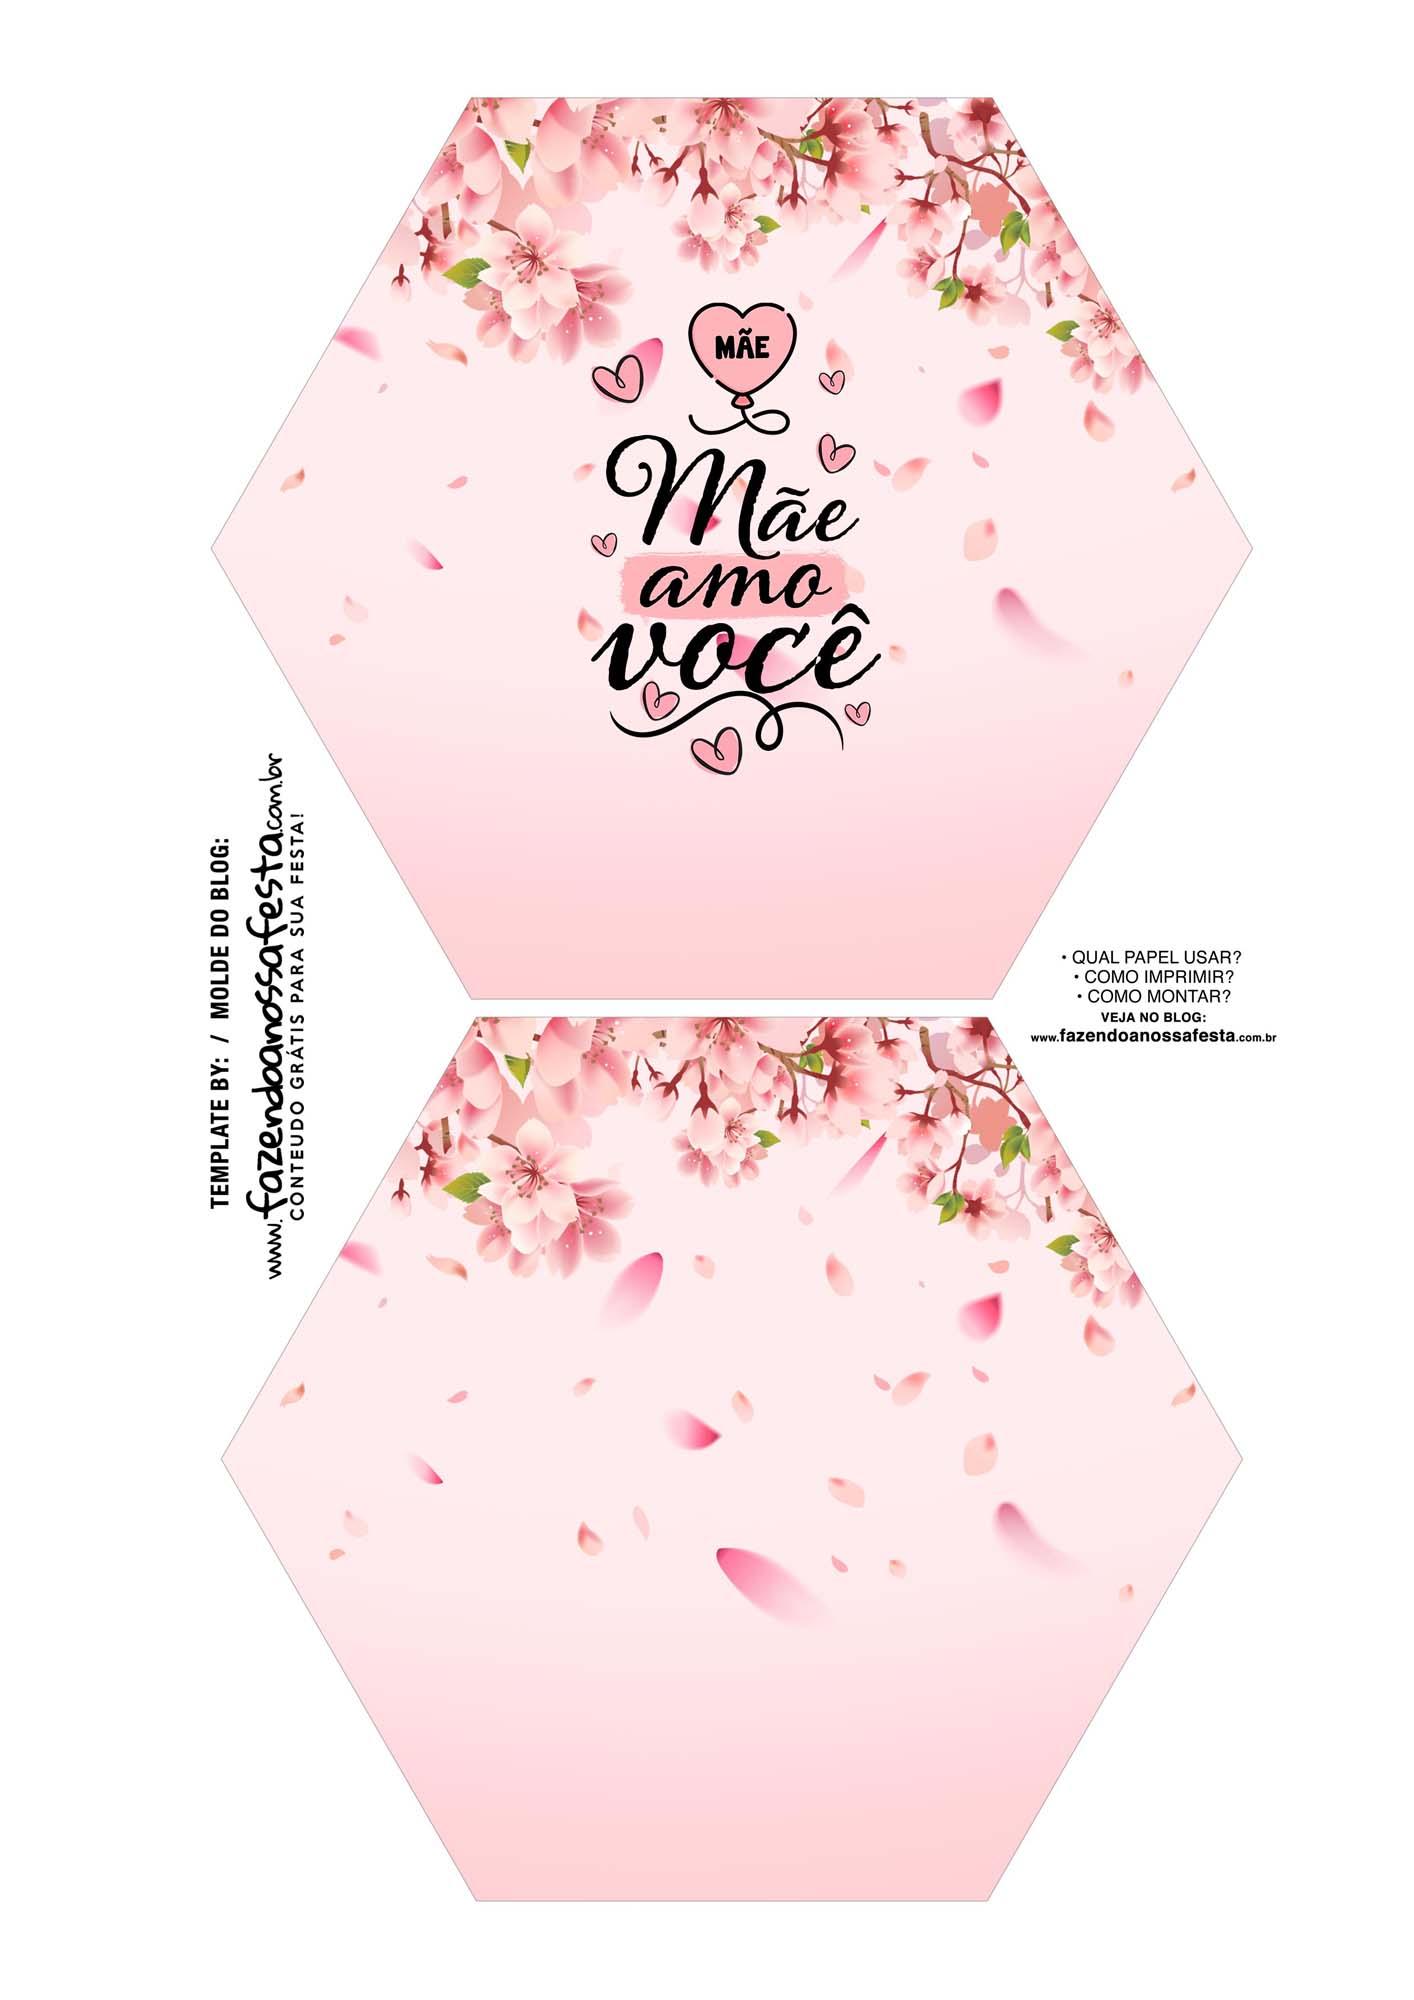 Caixa Explosiva Dia das Maes floral cerejeira 1